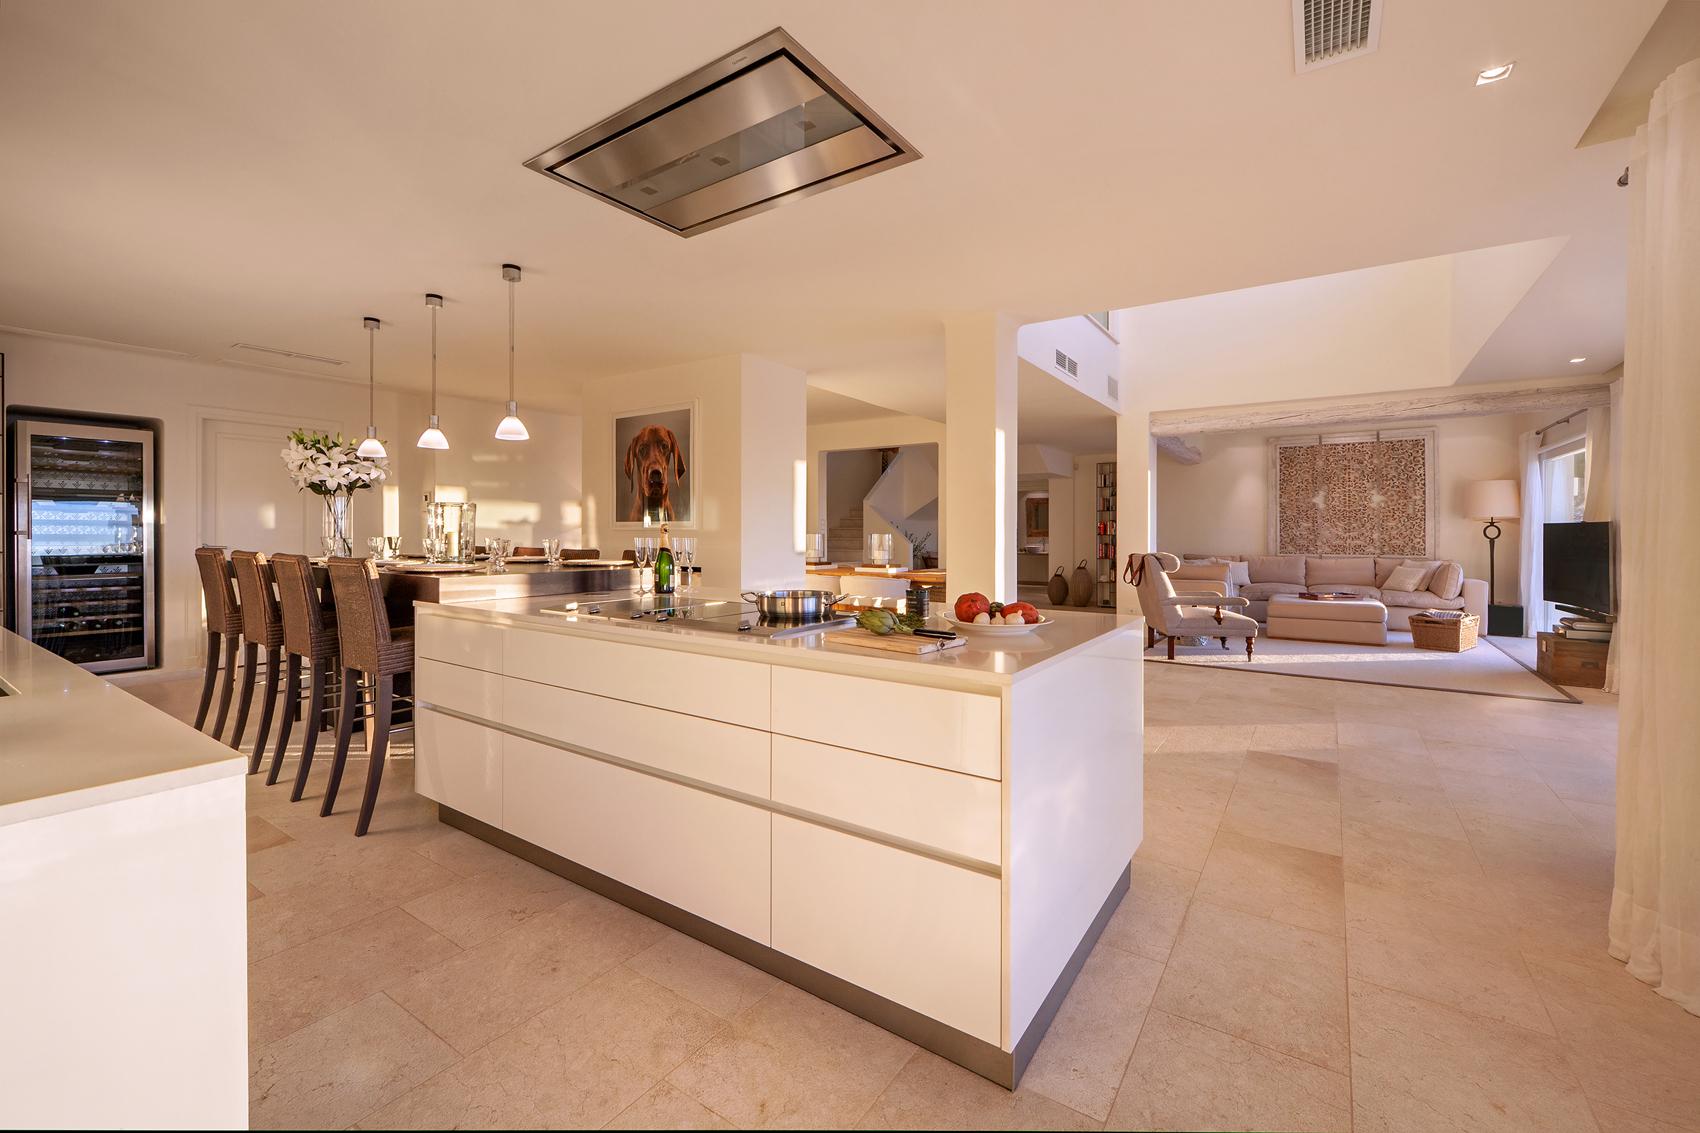 Offene Küche mit Blick